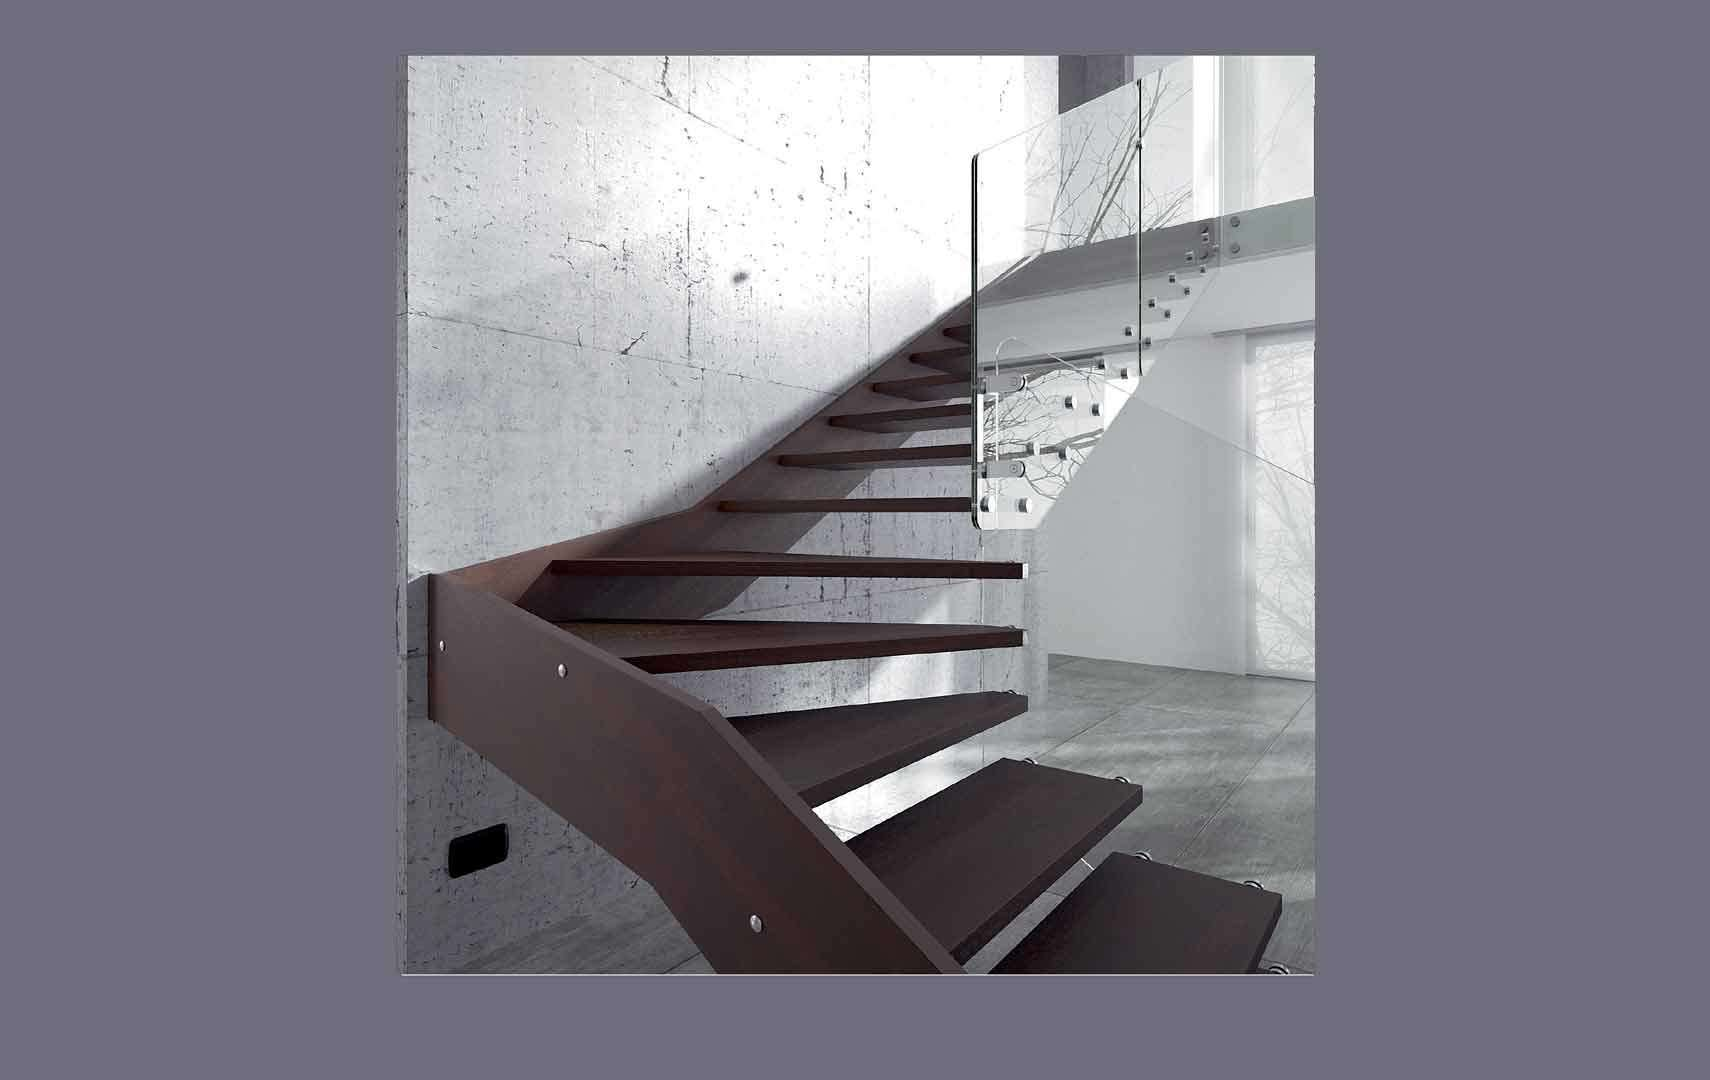 fly_xc_ _xr escaleras italianas escaleras de madera maciza escaleras para interiores escaleras de madera escaleras escaleras de medidas escaleras